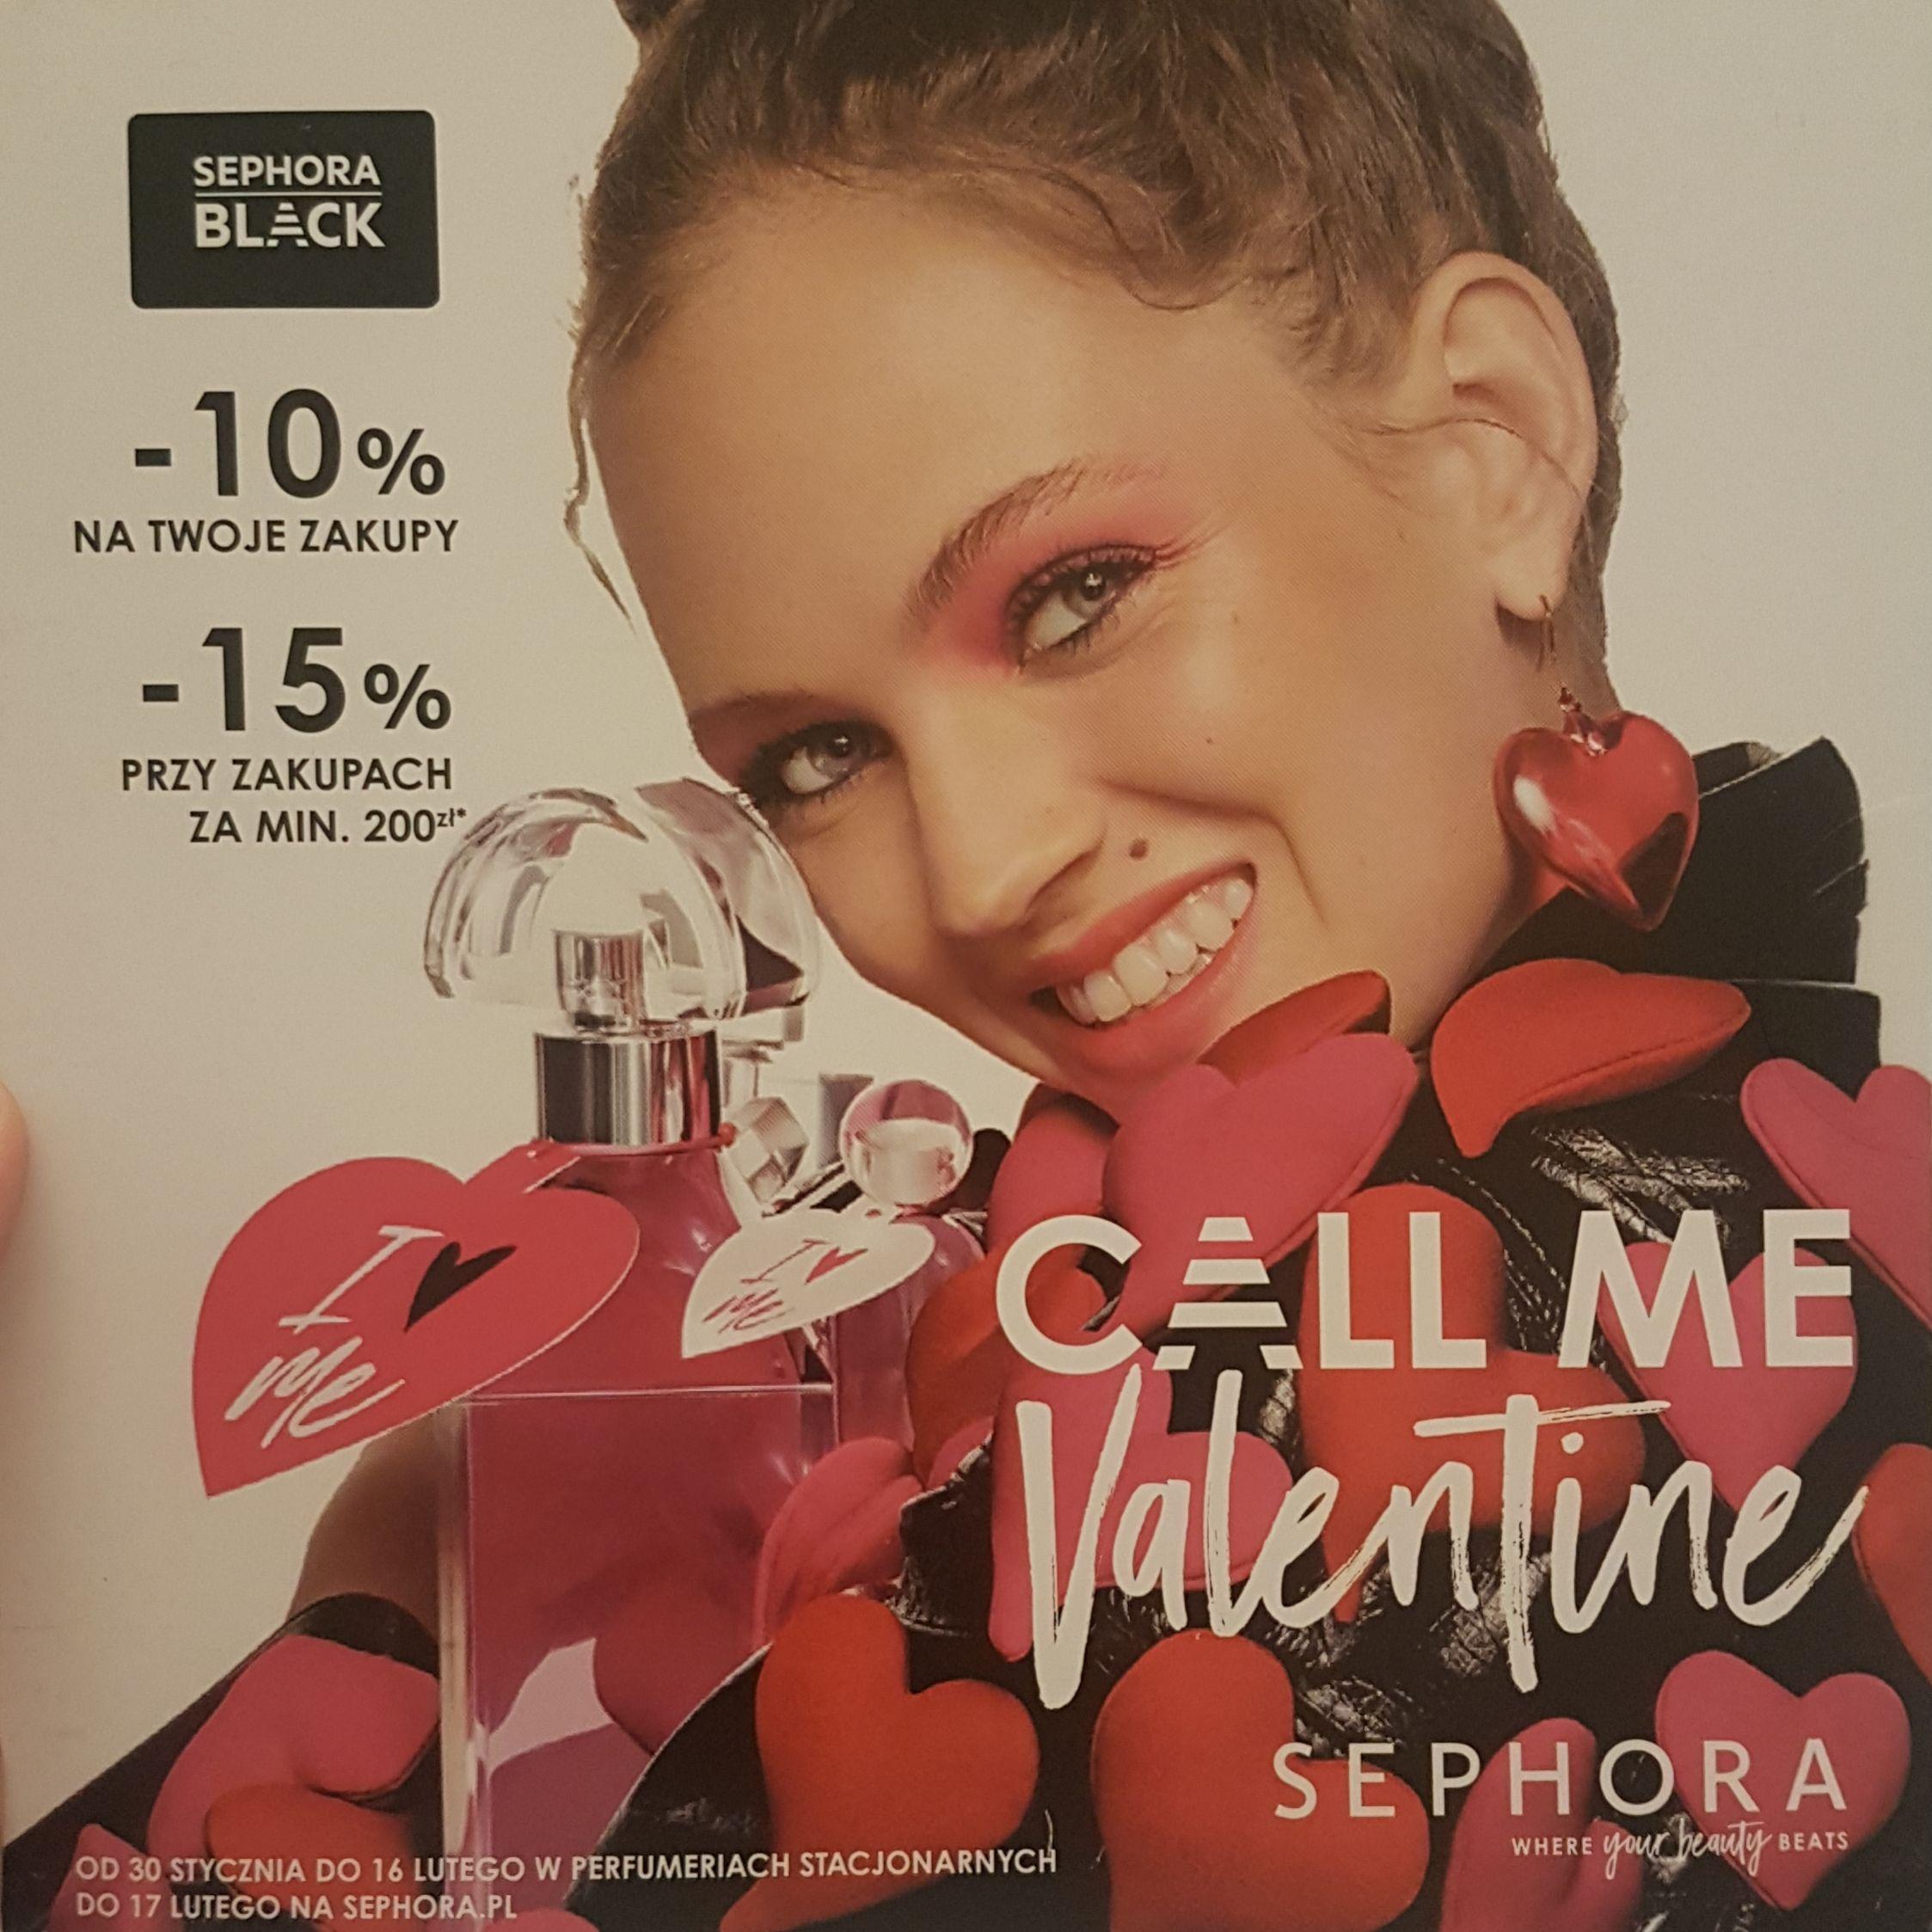 -15% na zakupy w Sephorze przy mwz 200zł